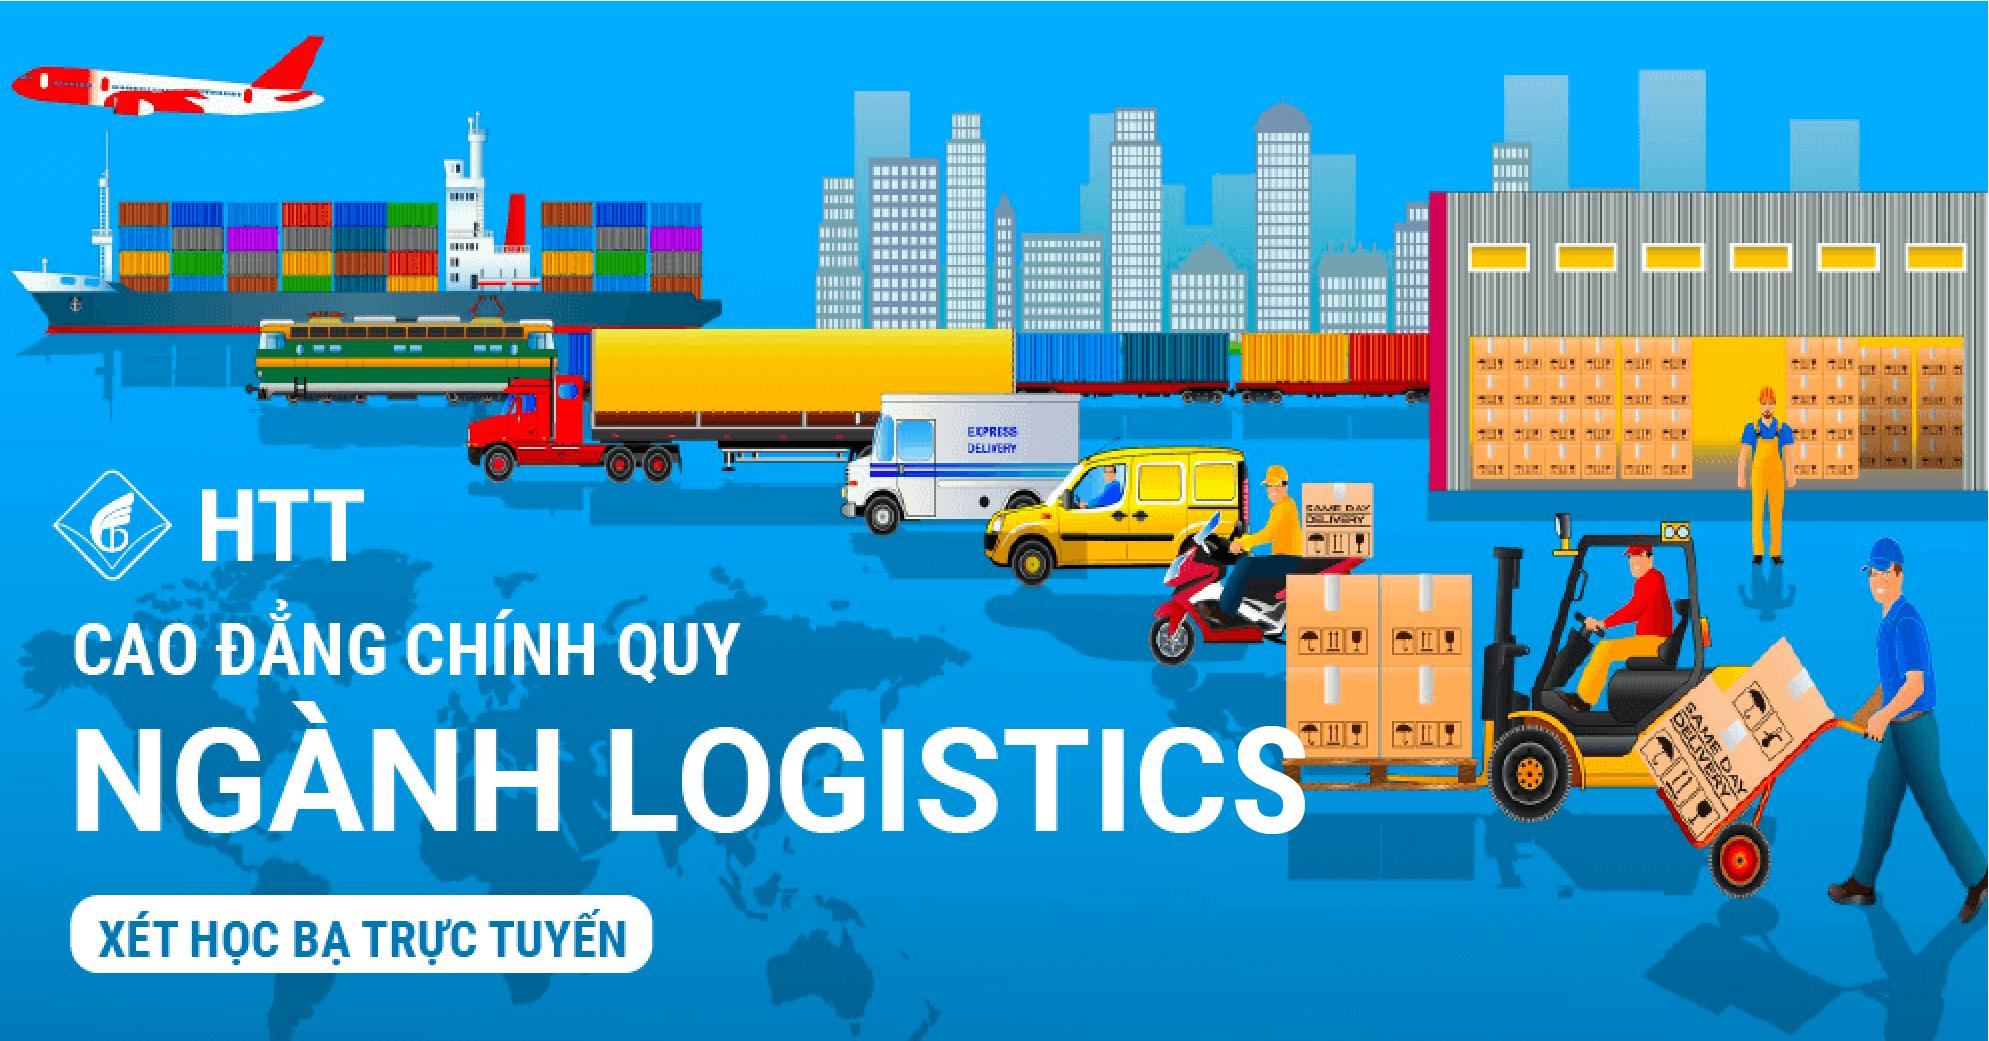 Tuyển Sinh Cao Đẳng Chính Quy Ngành Logistics Năm 2021